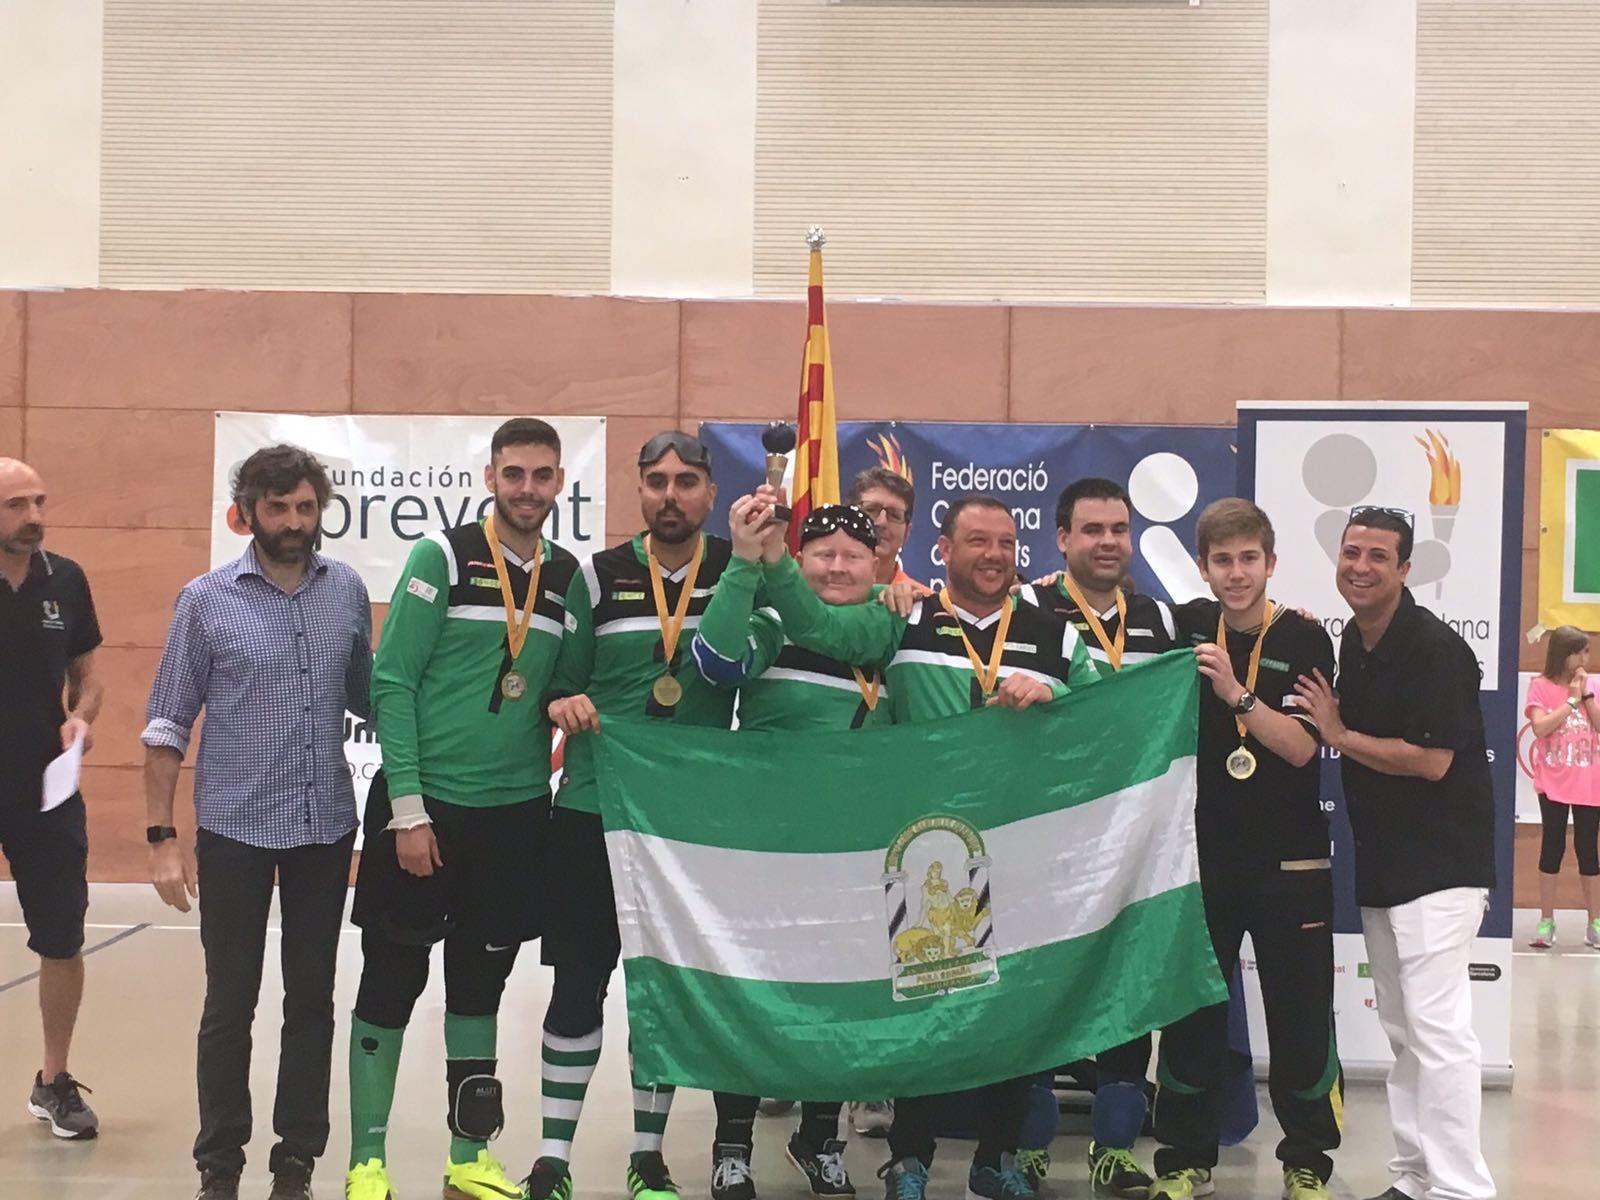 El equipo andaluz celebra su triunfo agitando la bandera de Andalucía